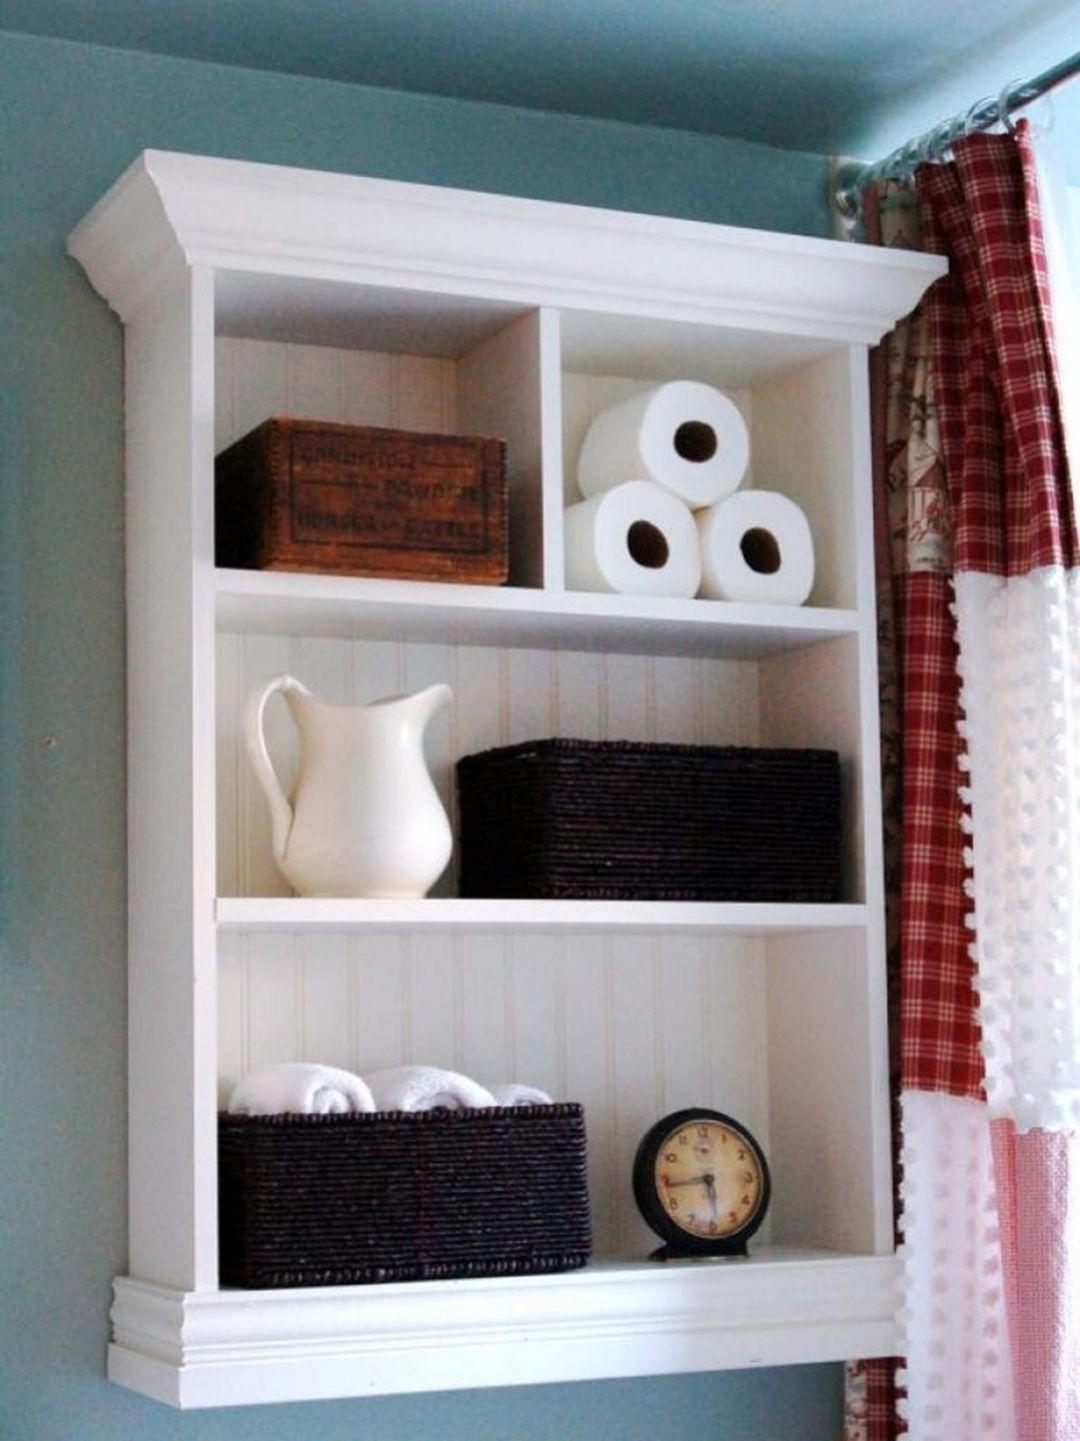 Extraordinary 15 Easy Diy Bathroom Shelves Ideas To Increase Your Bathroom Storage Goodsgn Bathroom Wall Storage Diy Bathroom Shelves Diy Bathroom